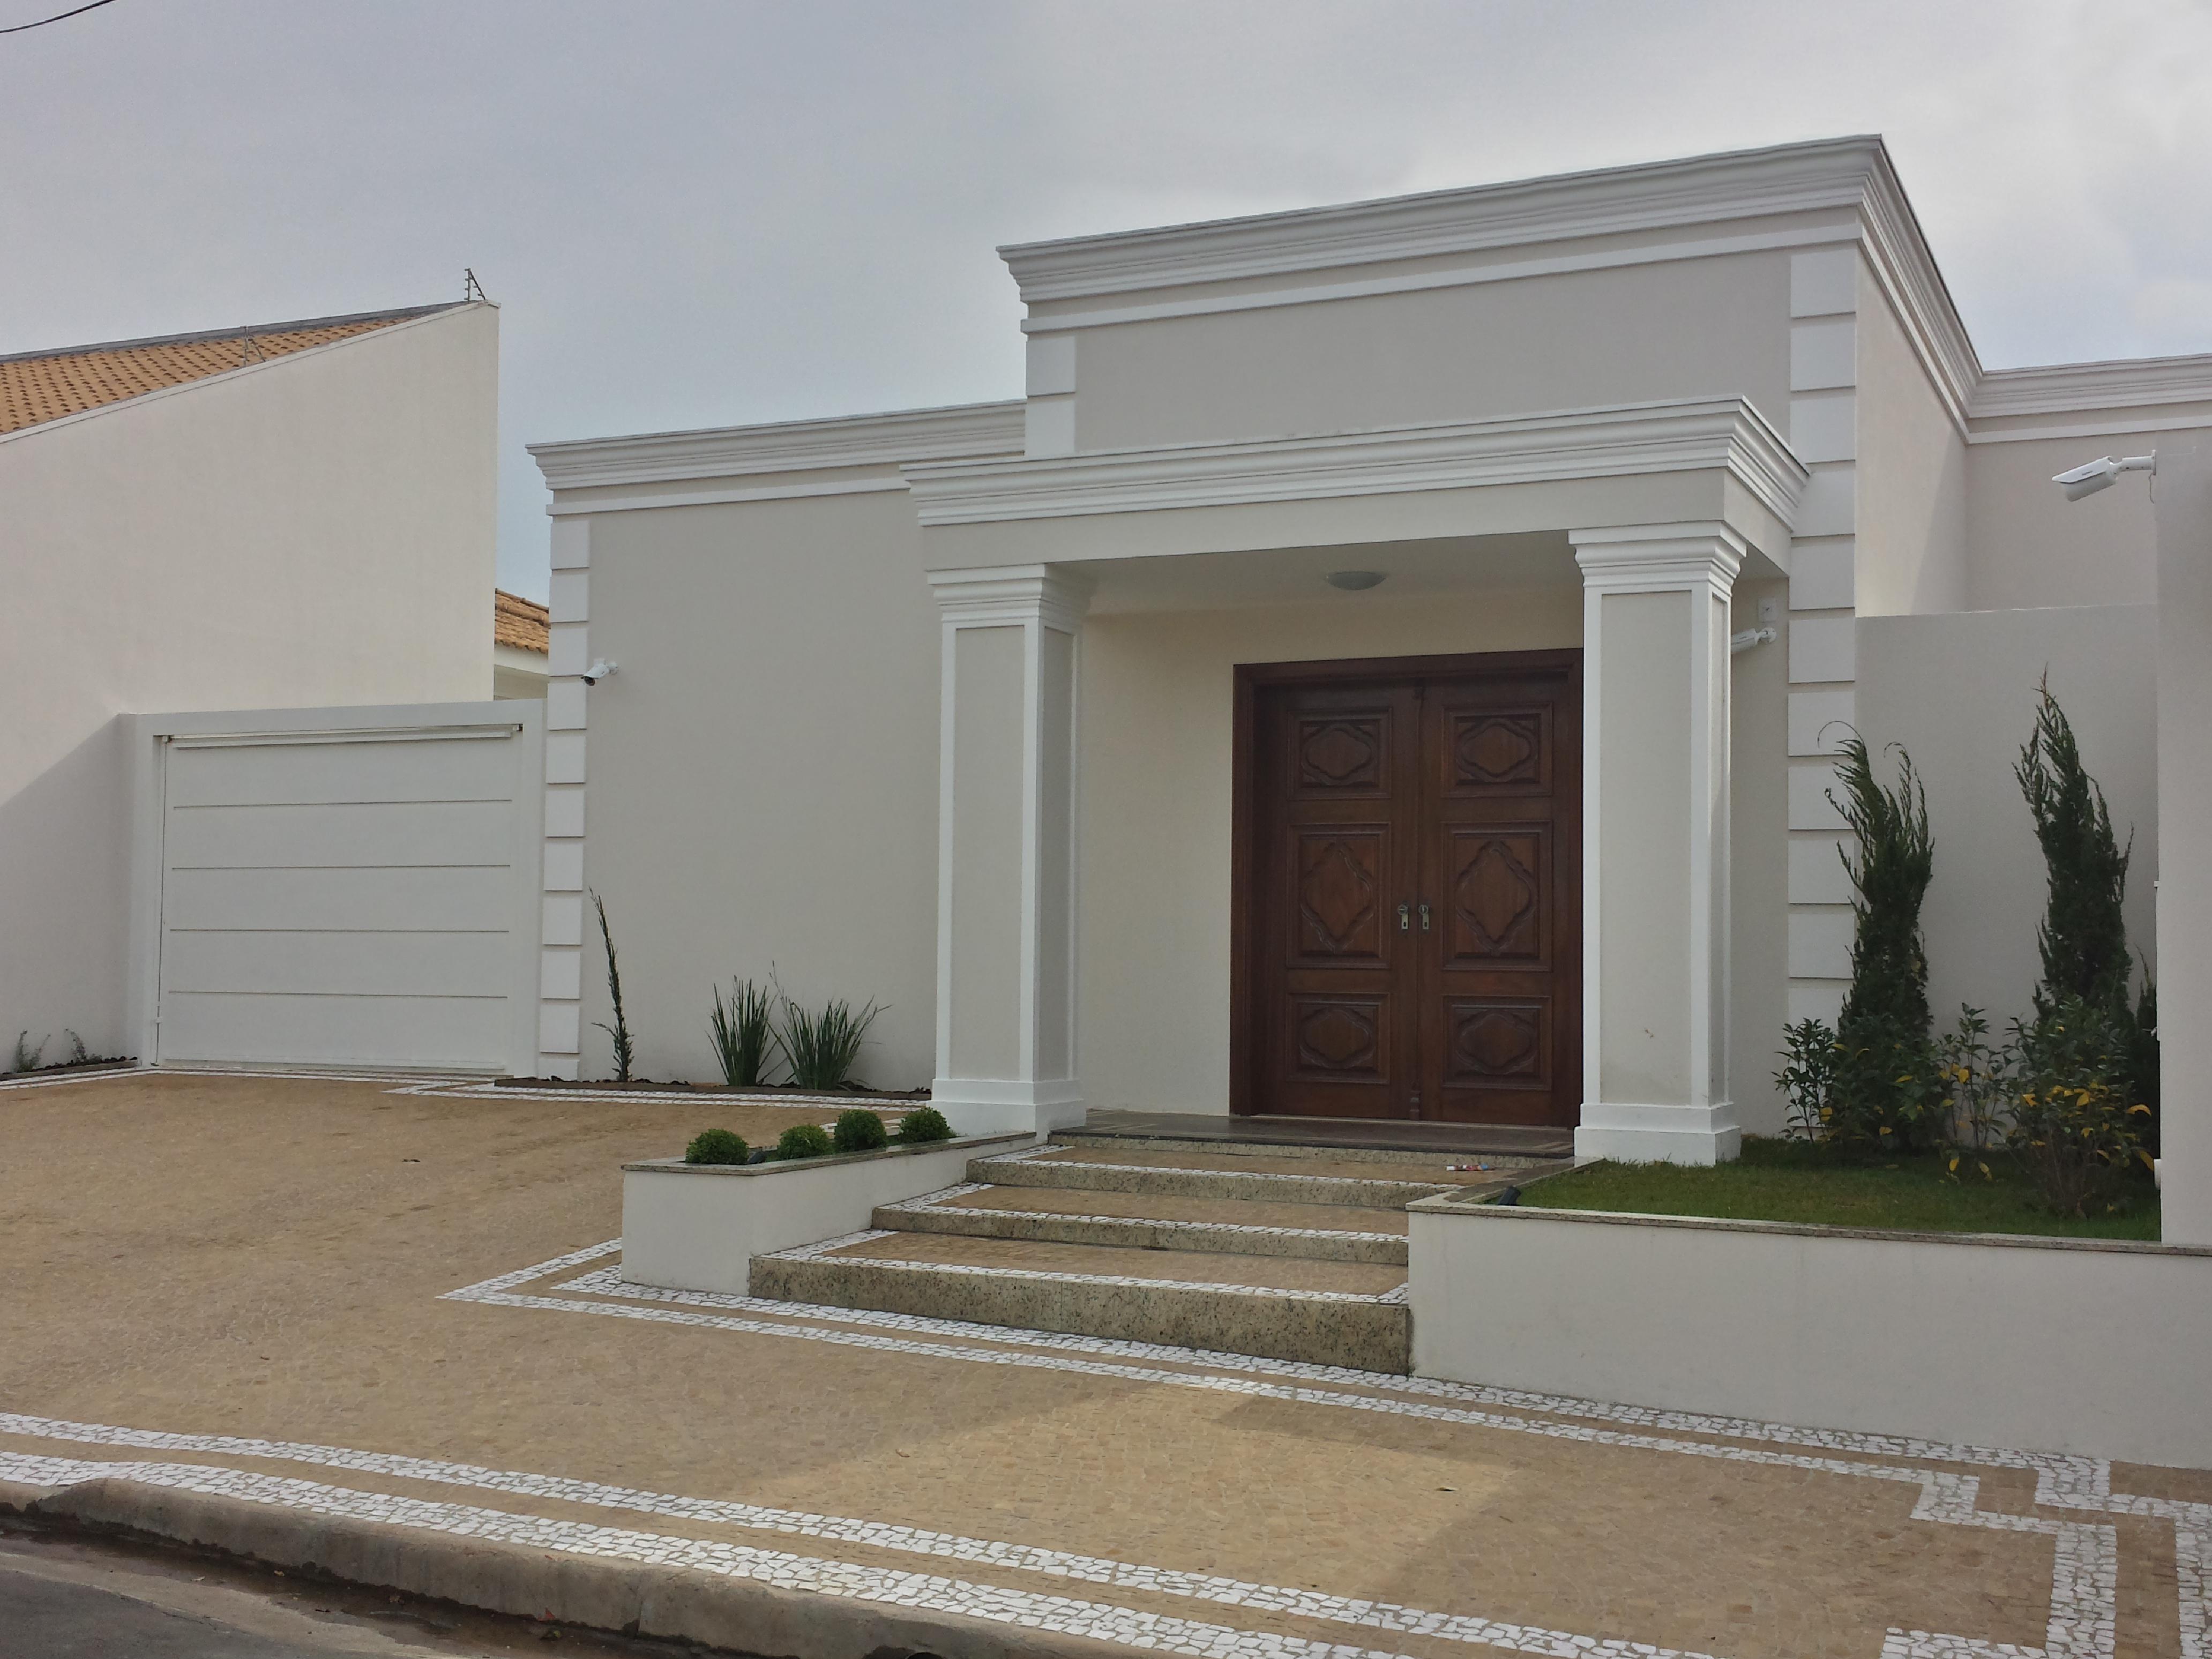 Populares Escritório Advocacia   Celina Molinari – Arquitetura e Interiores GI92